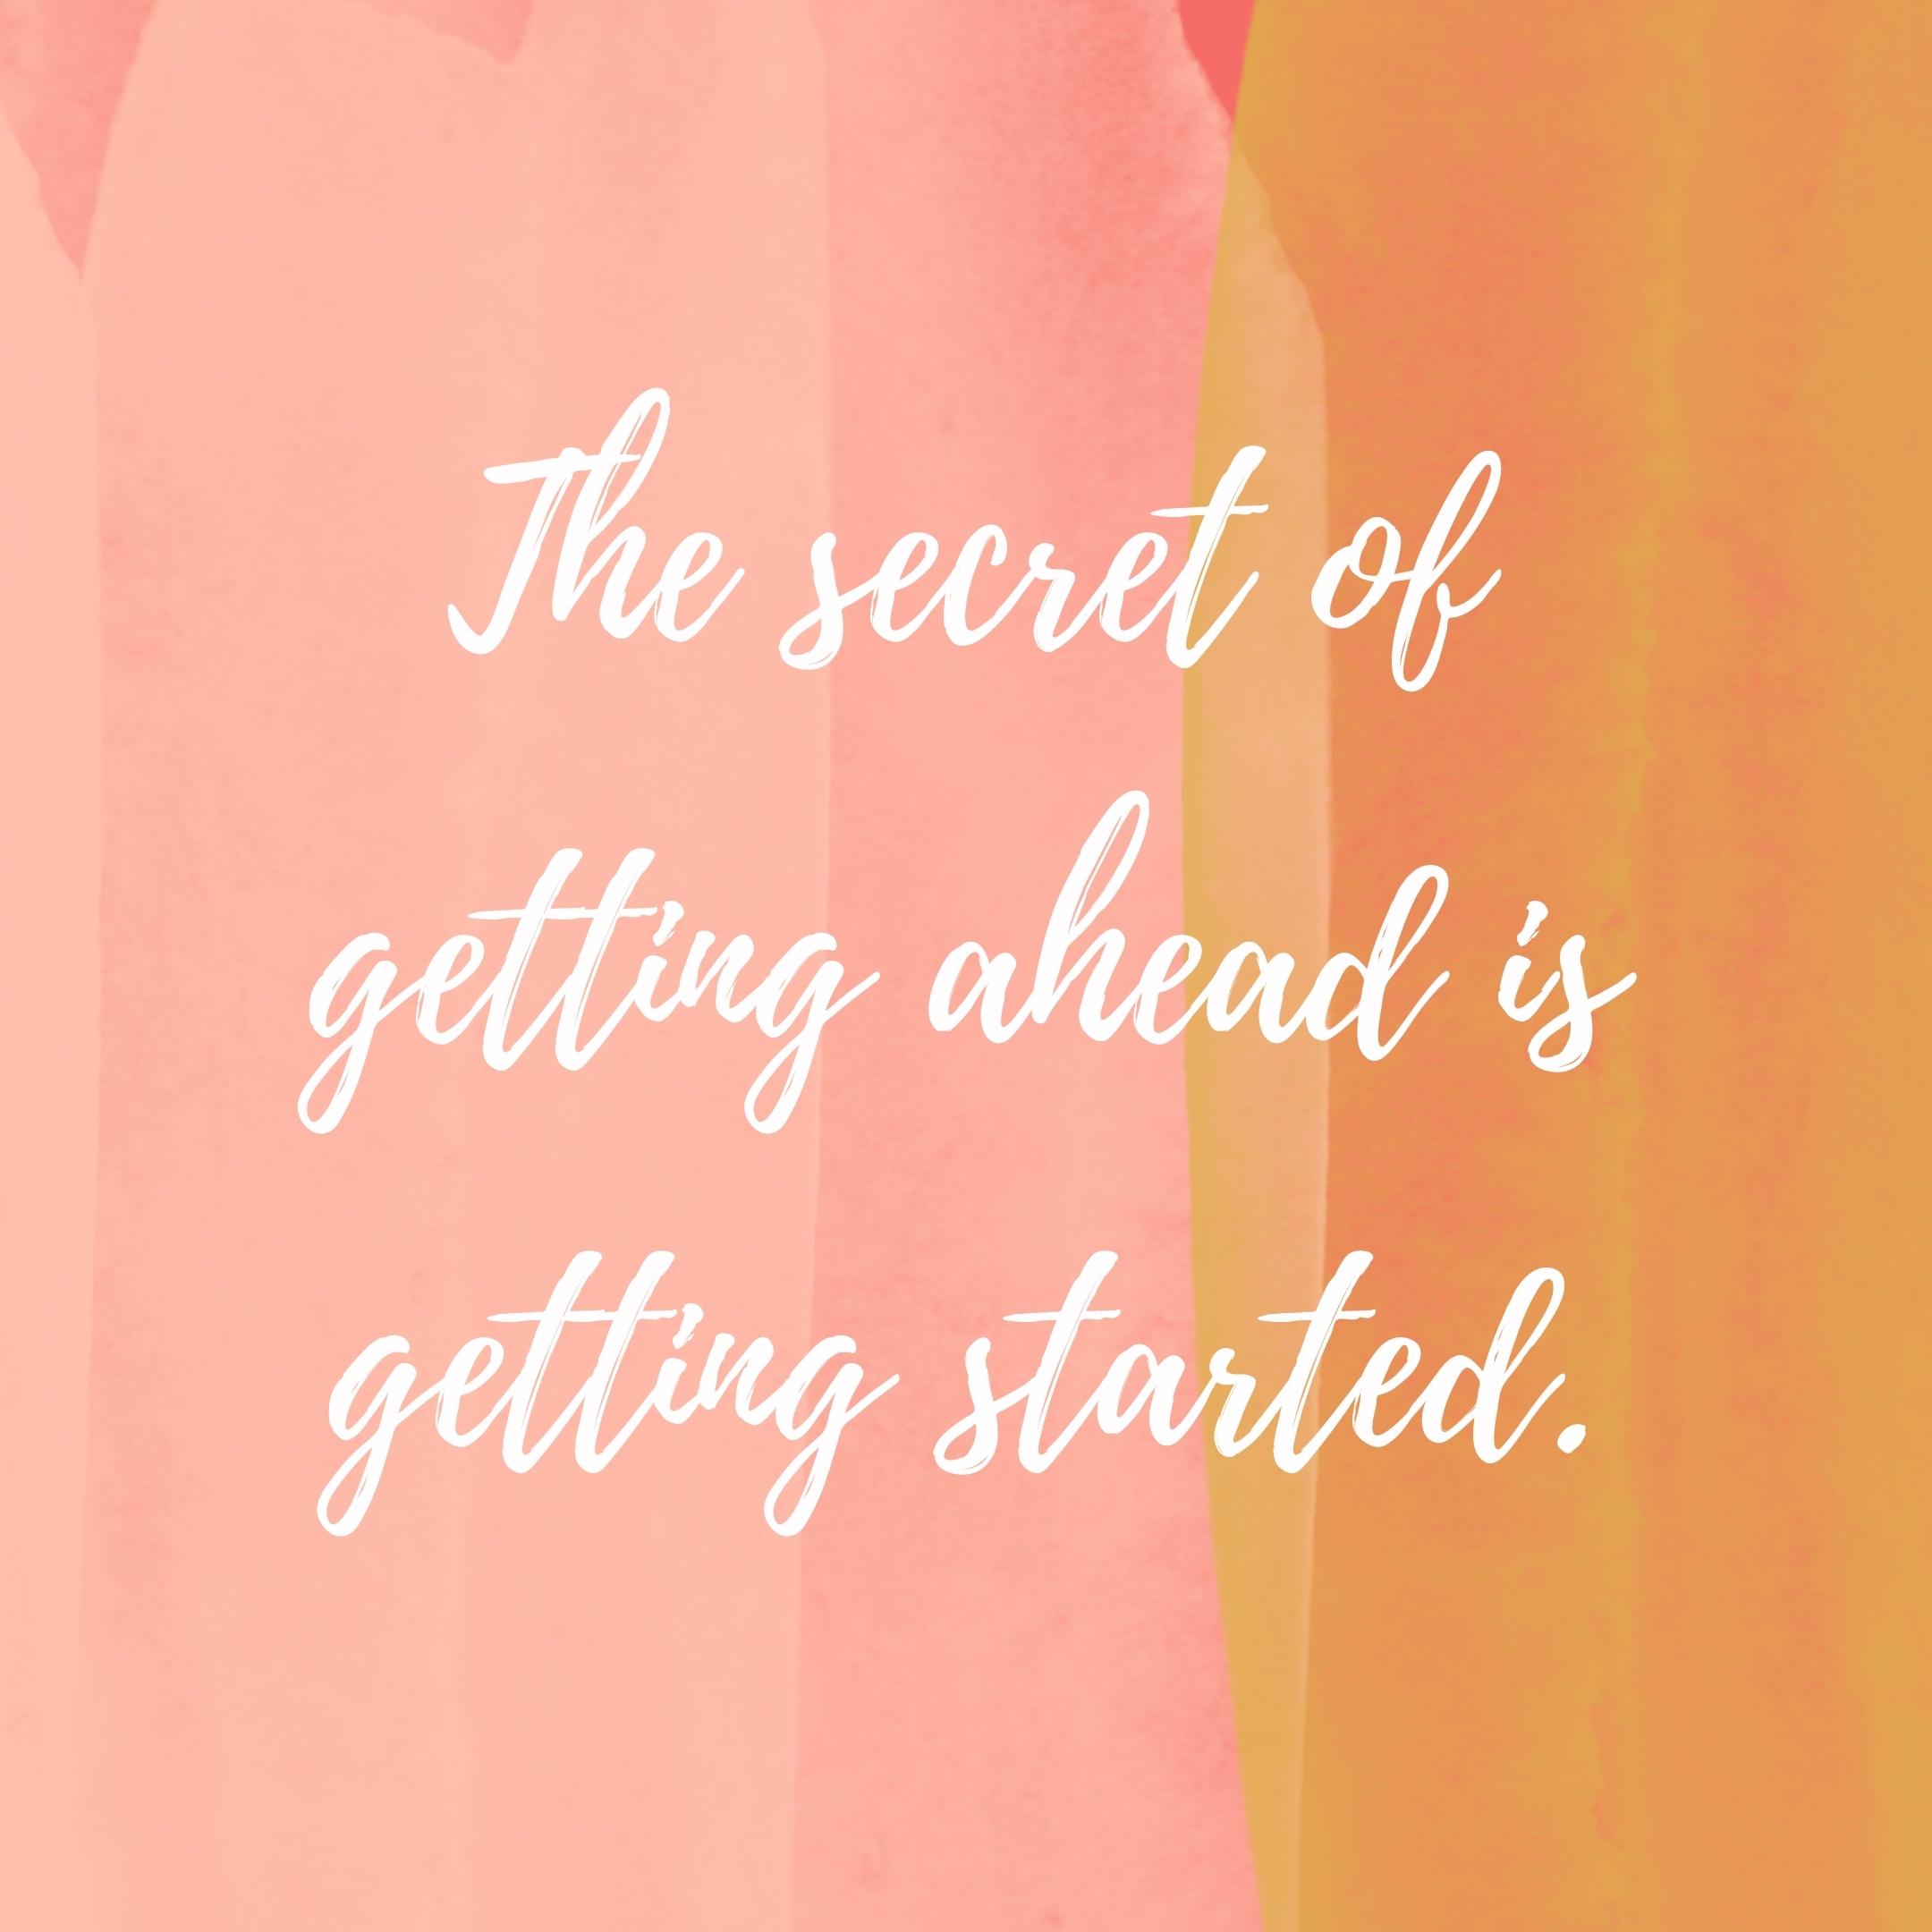 the secret quote | monday motivation quotes